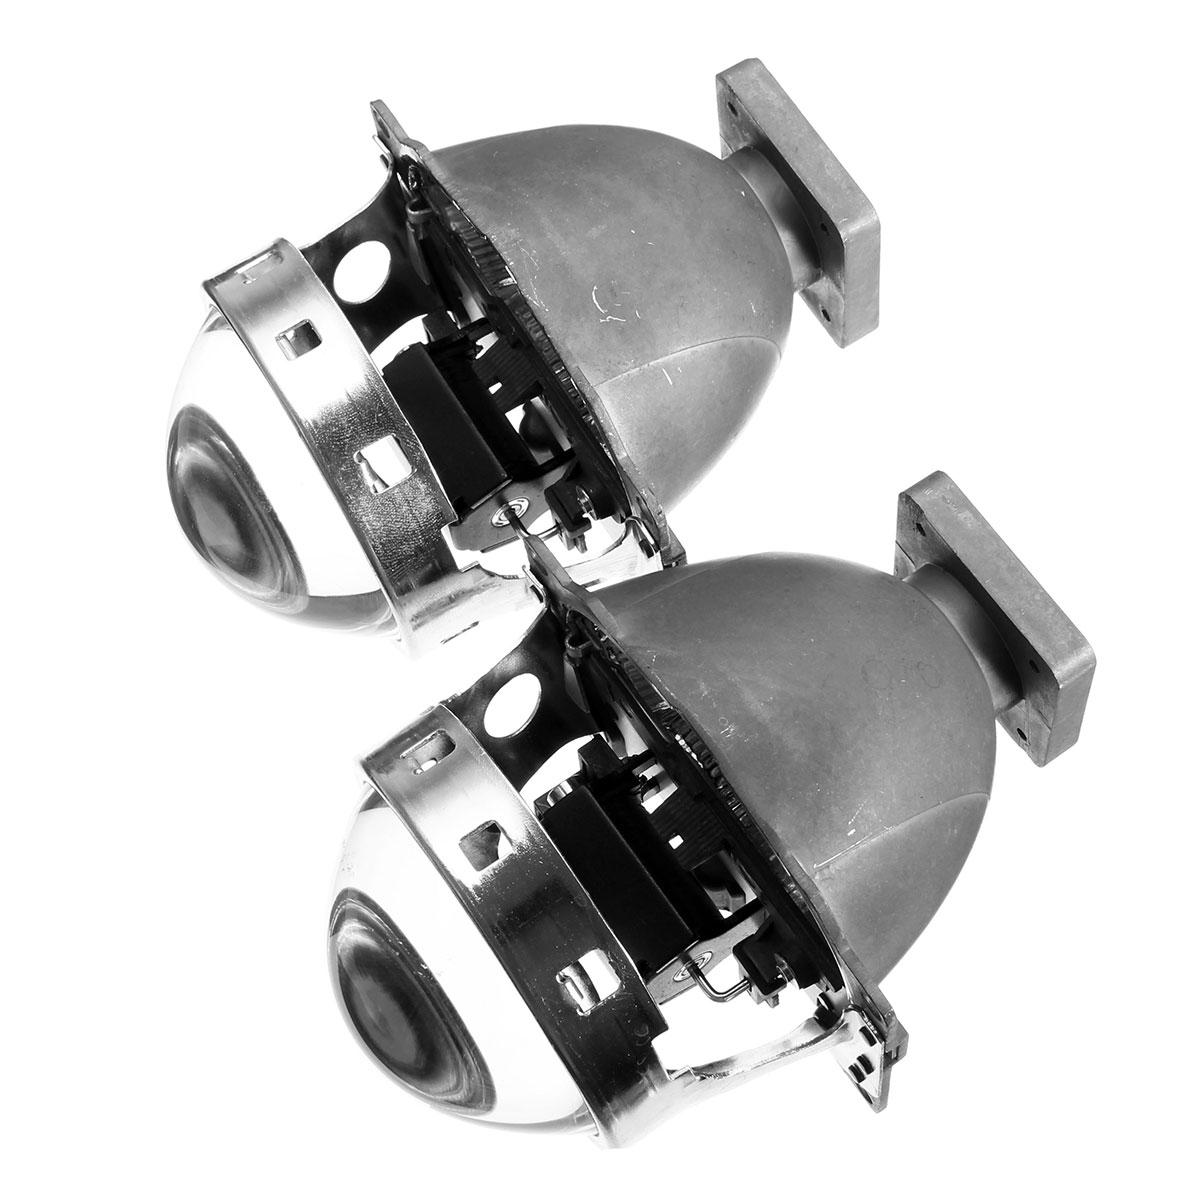 Bi Lente Del Proiettore LHD per Auto Faro 3.0 Koito Q5 35 W In Grado di Utilizzare con D1S D2S D2H D3S D4SBi Lente Del Proiettore LHD per Auto Faro 3.0 Koito Q5 35 W In Grado di Utilizzare con D1S D2S D2H D3S D4S